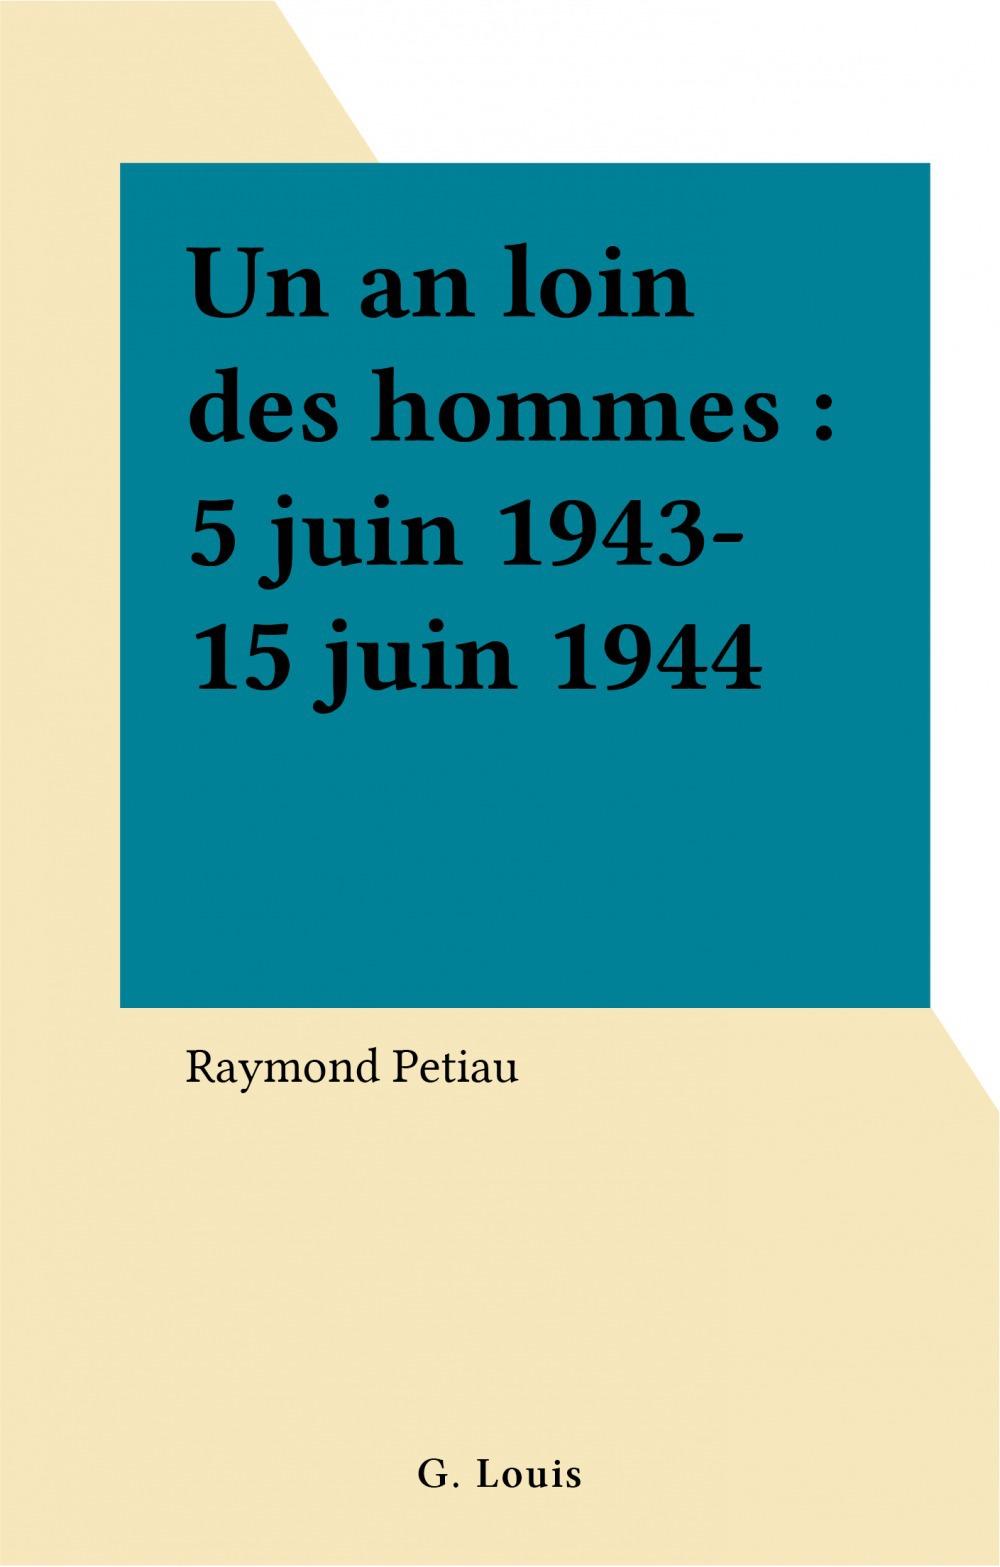 Un an loin des hommes : 5 juin 1943-15 juin 1944